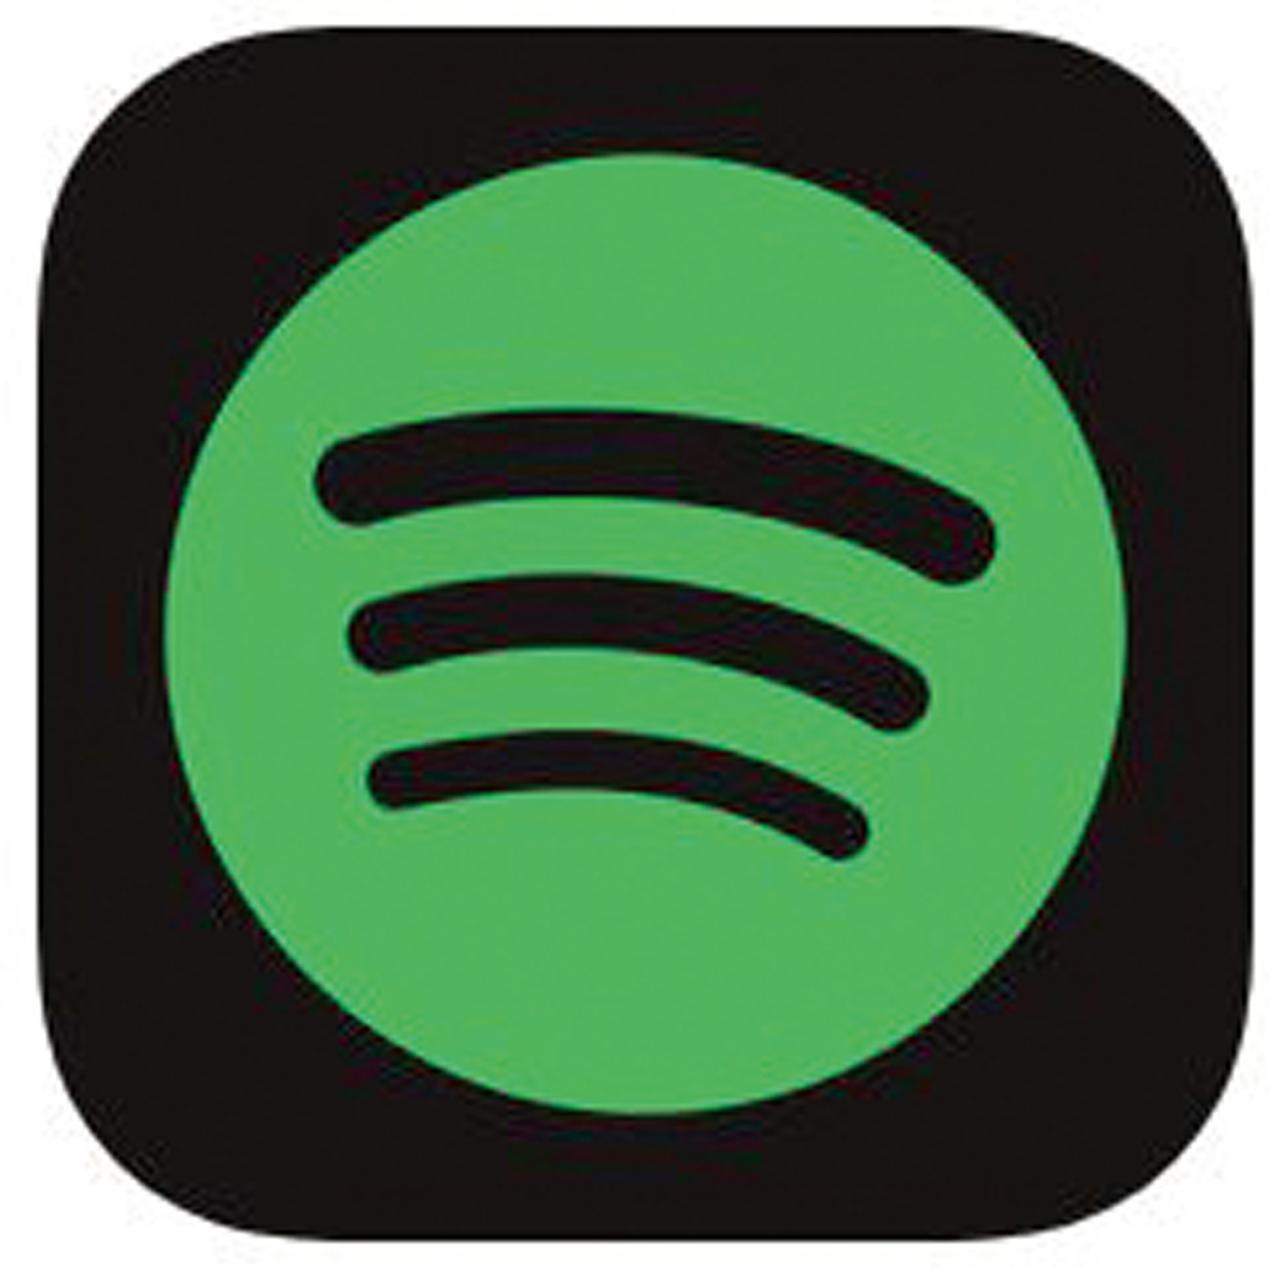 画像1: ❶無料で国内外の4000万曲が聴き放題になるアプリ